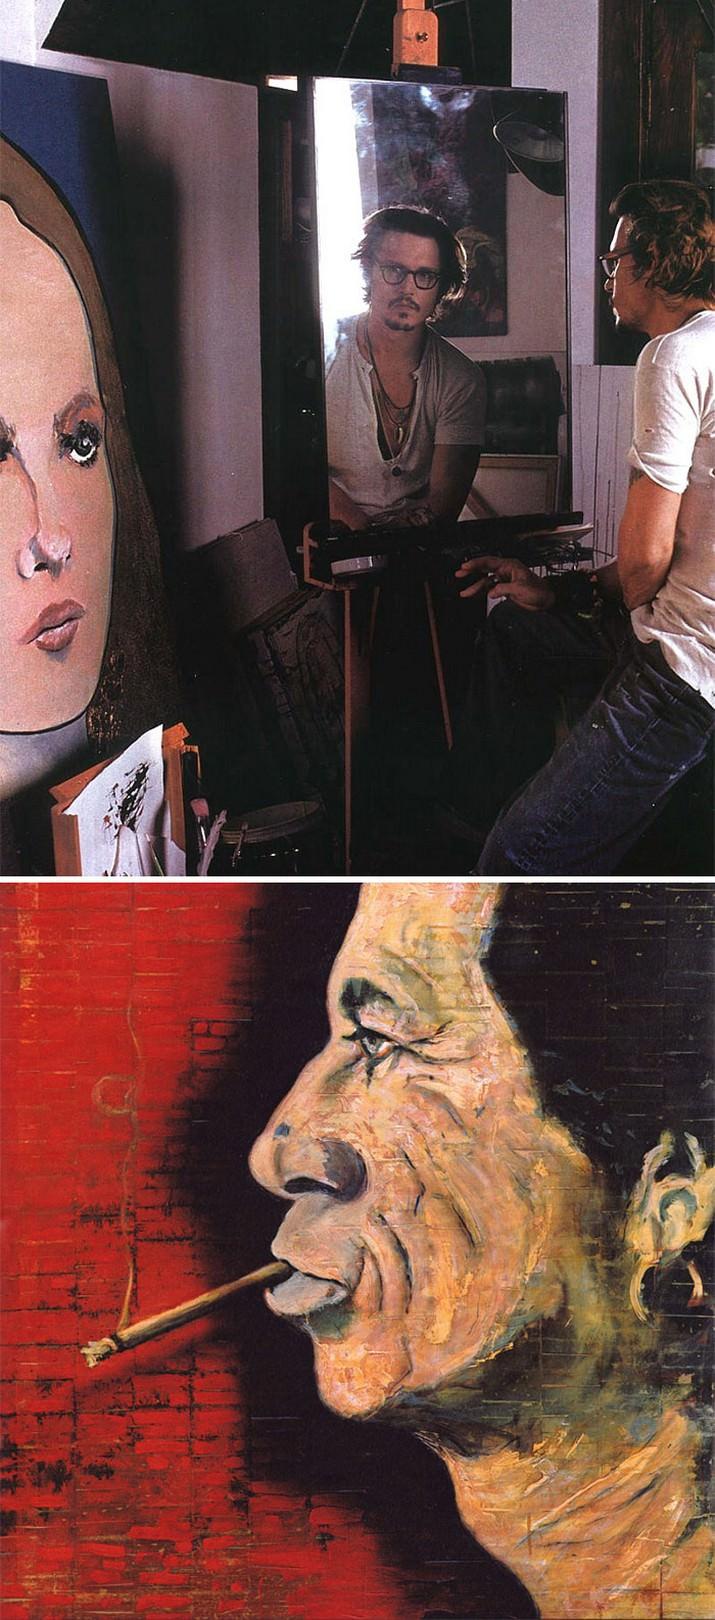 אנשים מפורסמים שהם גם ציירים מוכשרים: ציורים של ג'וני דפ